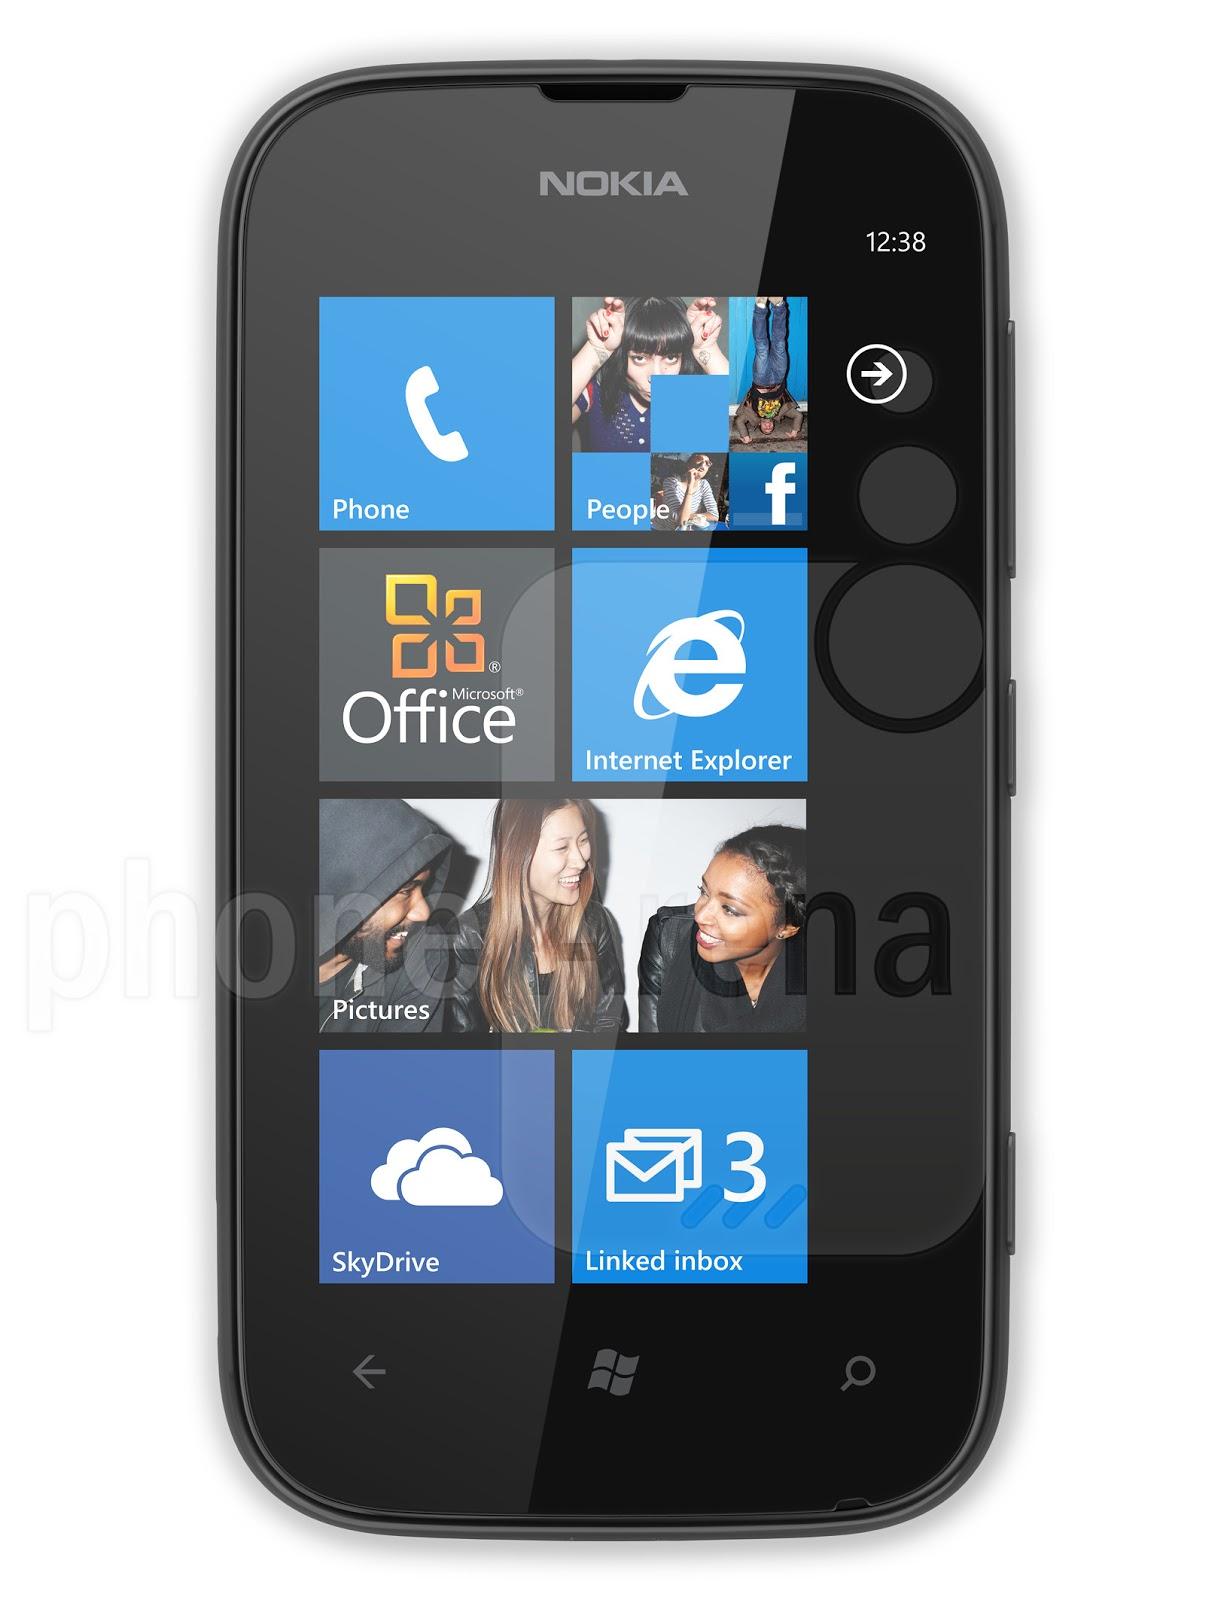 Nokia Lumia 925 Smartphones Microsoft Brazil - imagens do celular nokia lumia